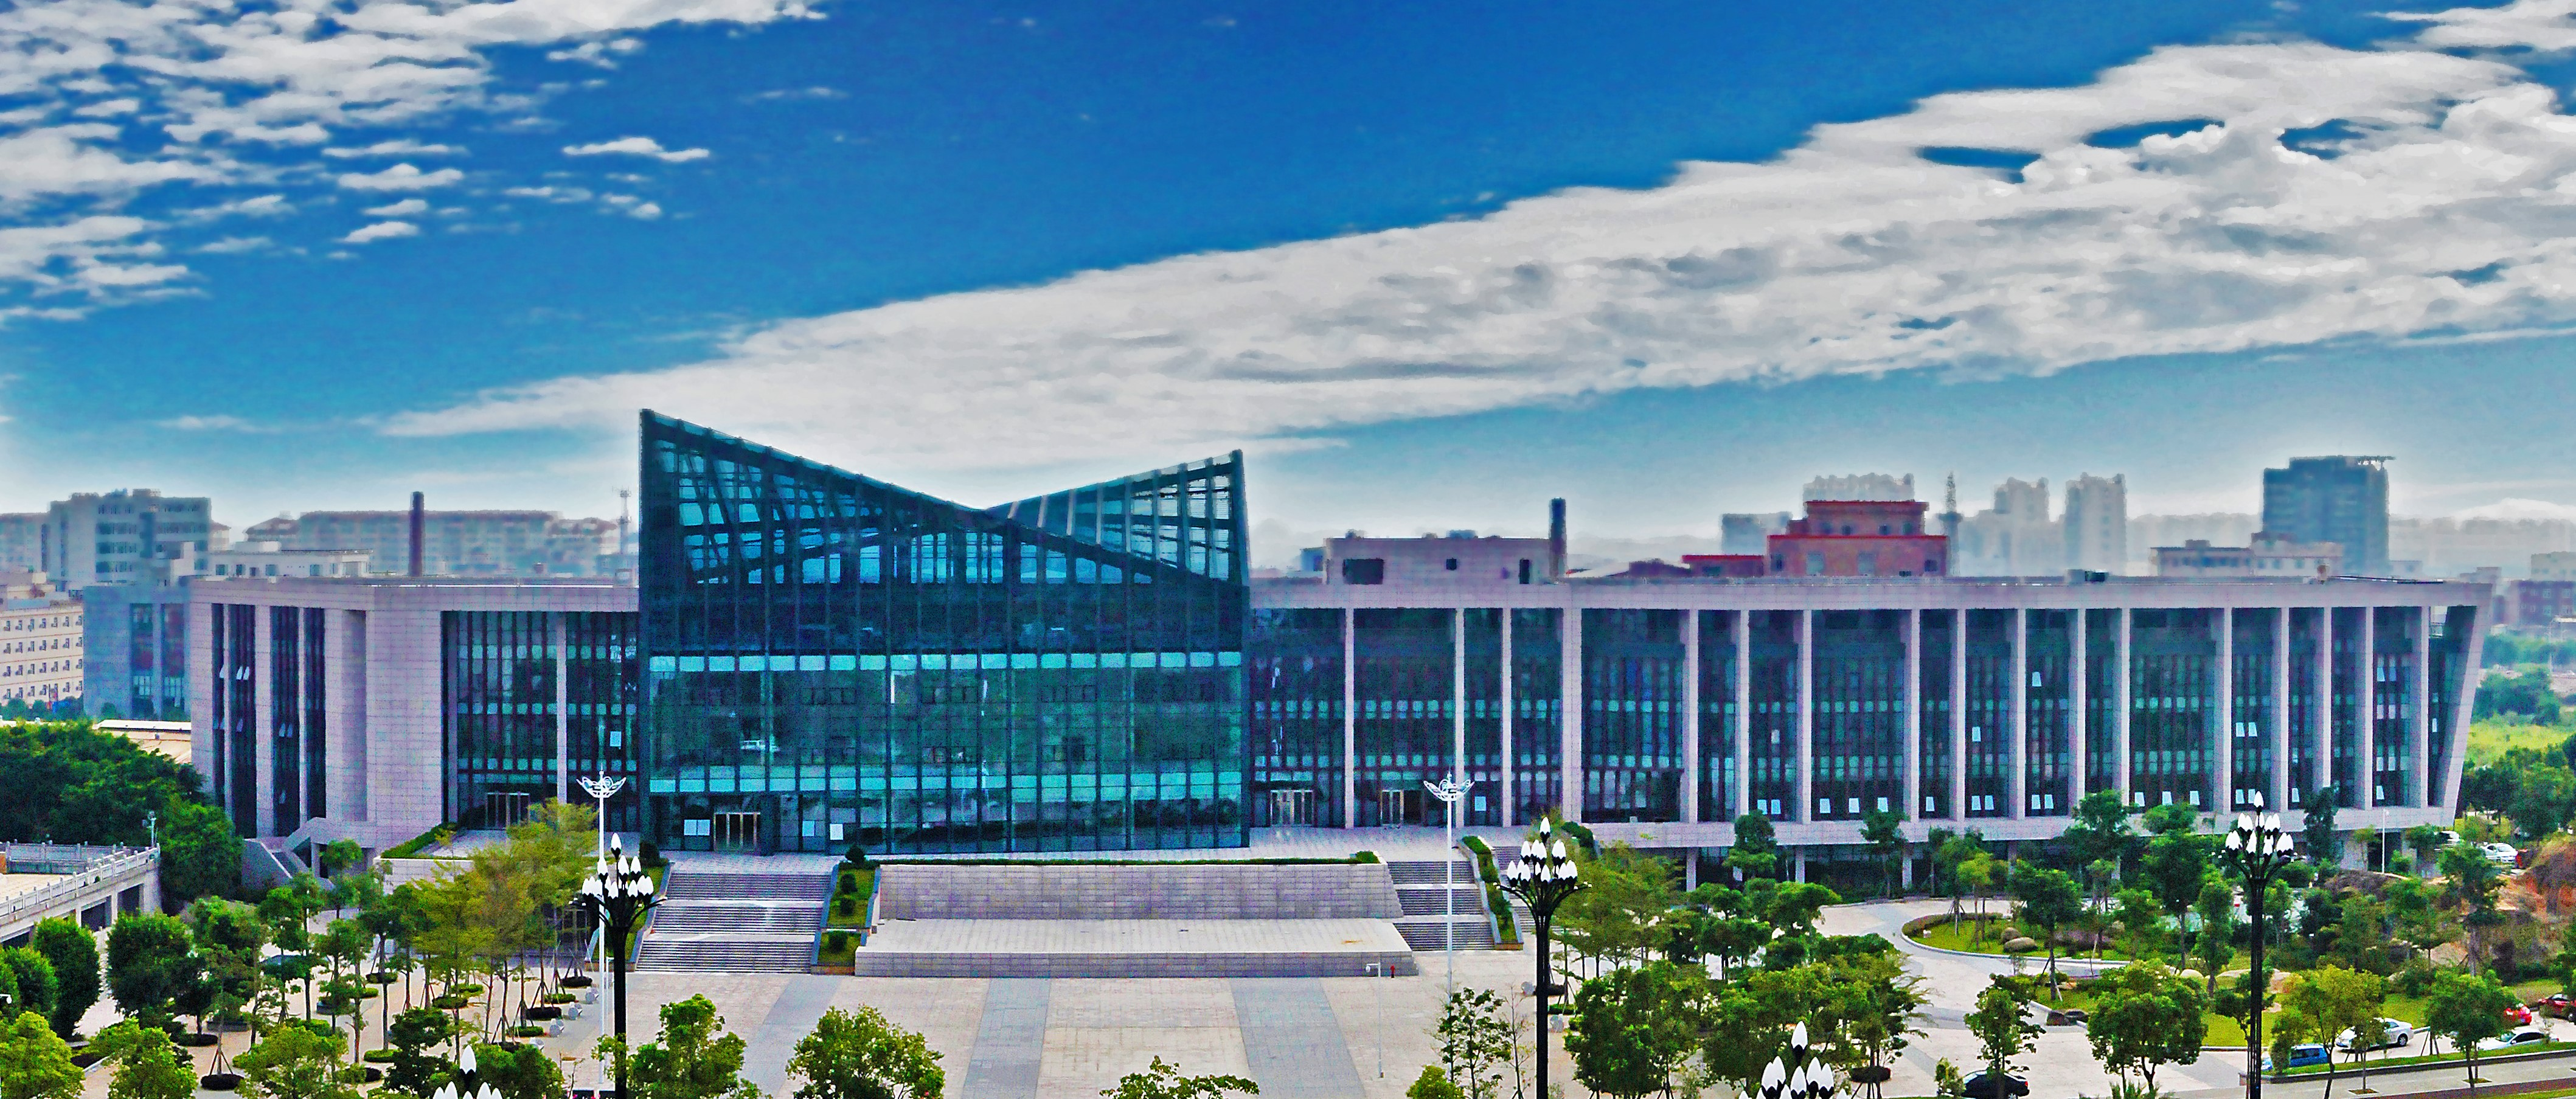 晋江市文化馆免费开放时间及常设免费项目